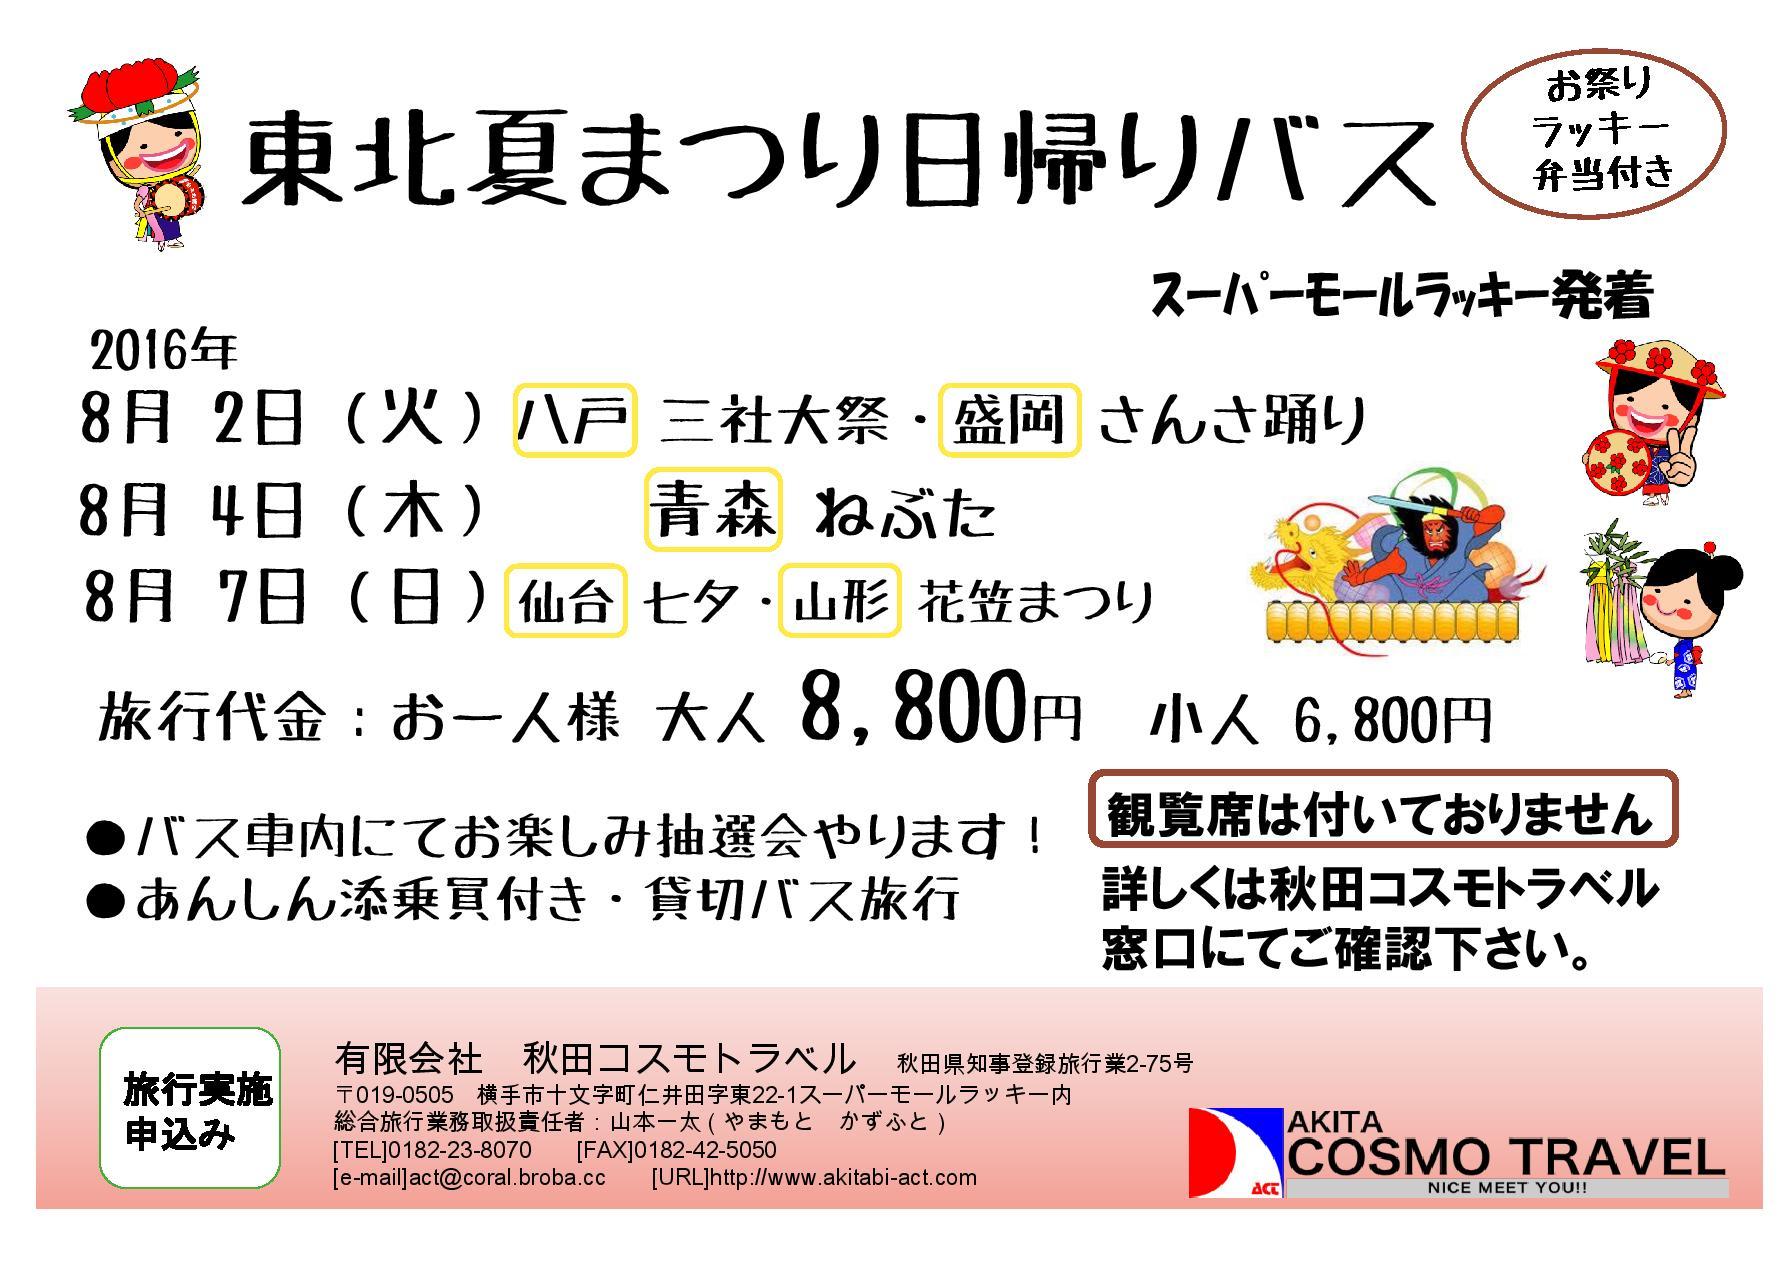 2016東北夏祭り(チラシ)改